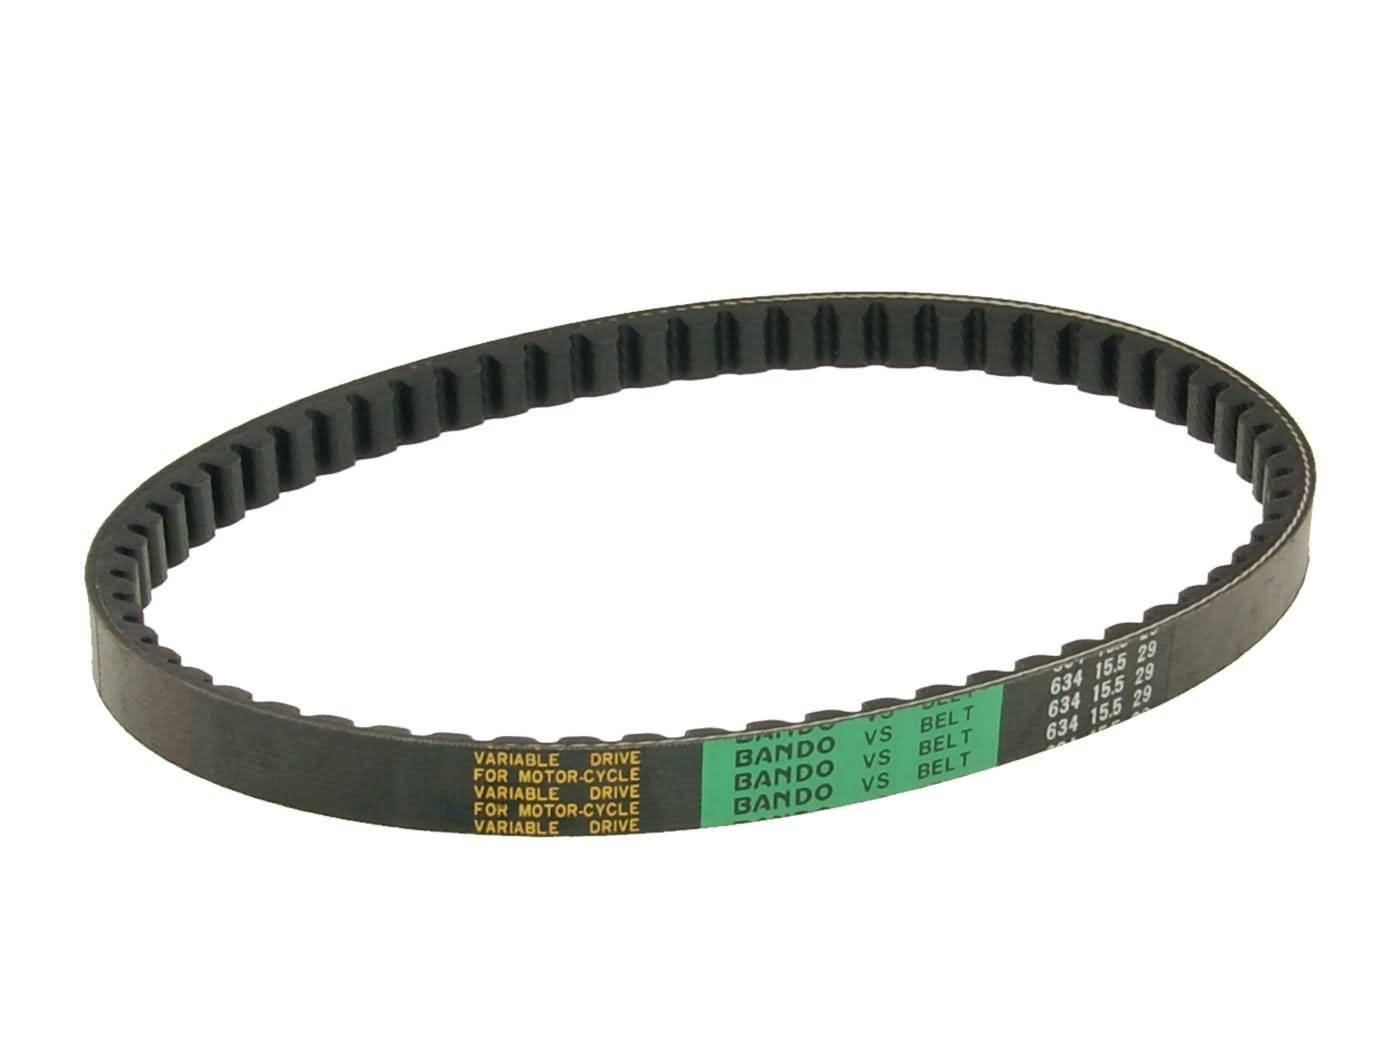 Bando V//S Courroie trap/ézo/ïdale pour Honda Fore Sight FES 250/MF04//MF05 Forza//Jazz NSS 250/x//EX 2/V//4/V Forza//Jazz NSS 250/mf07